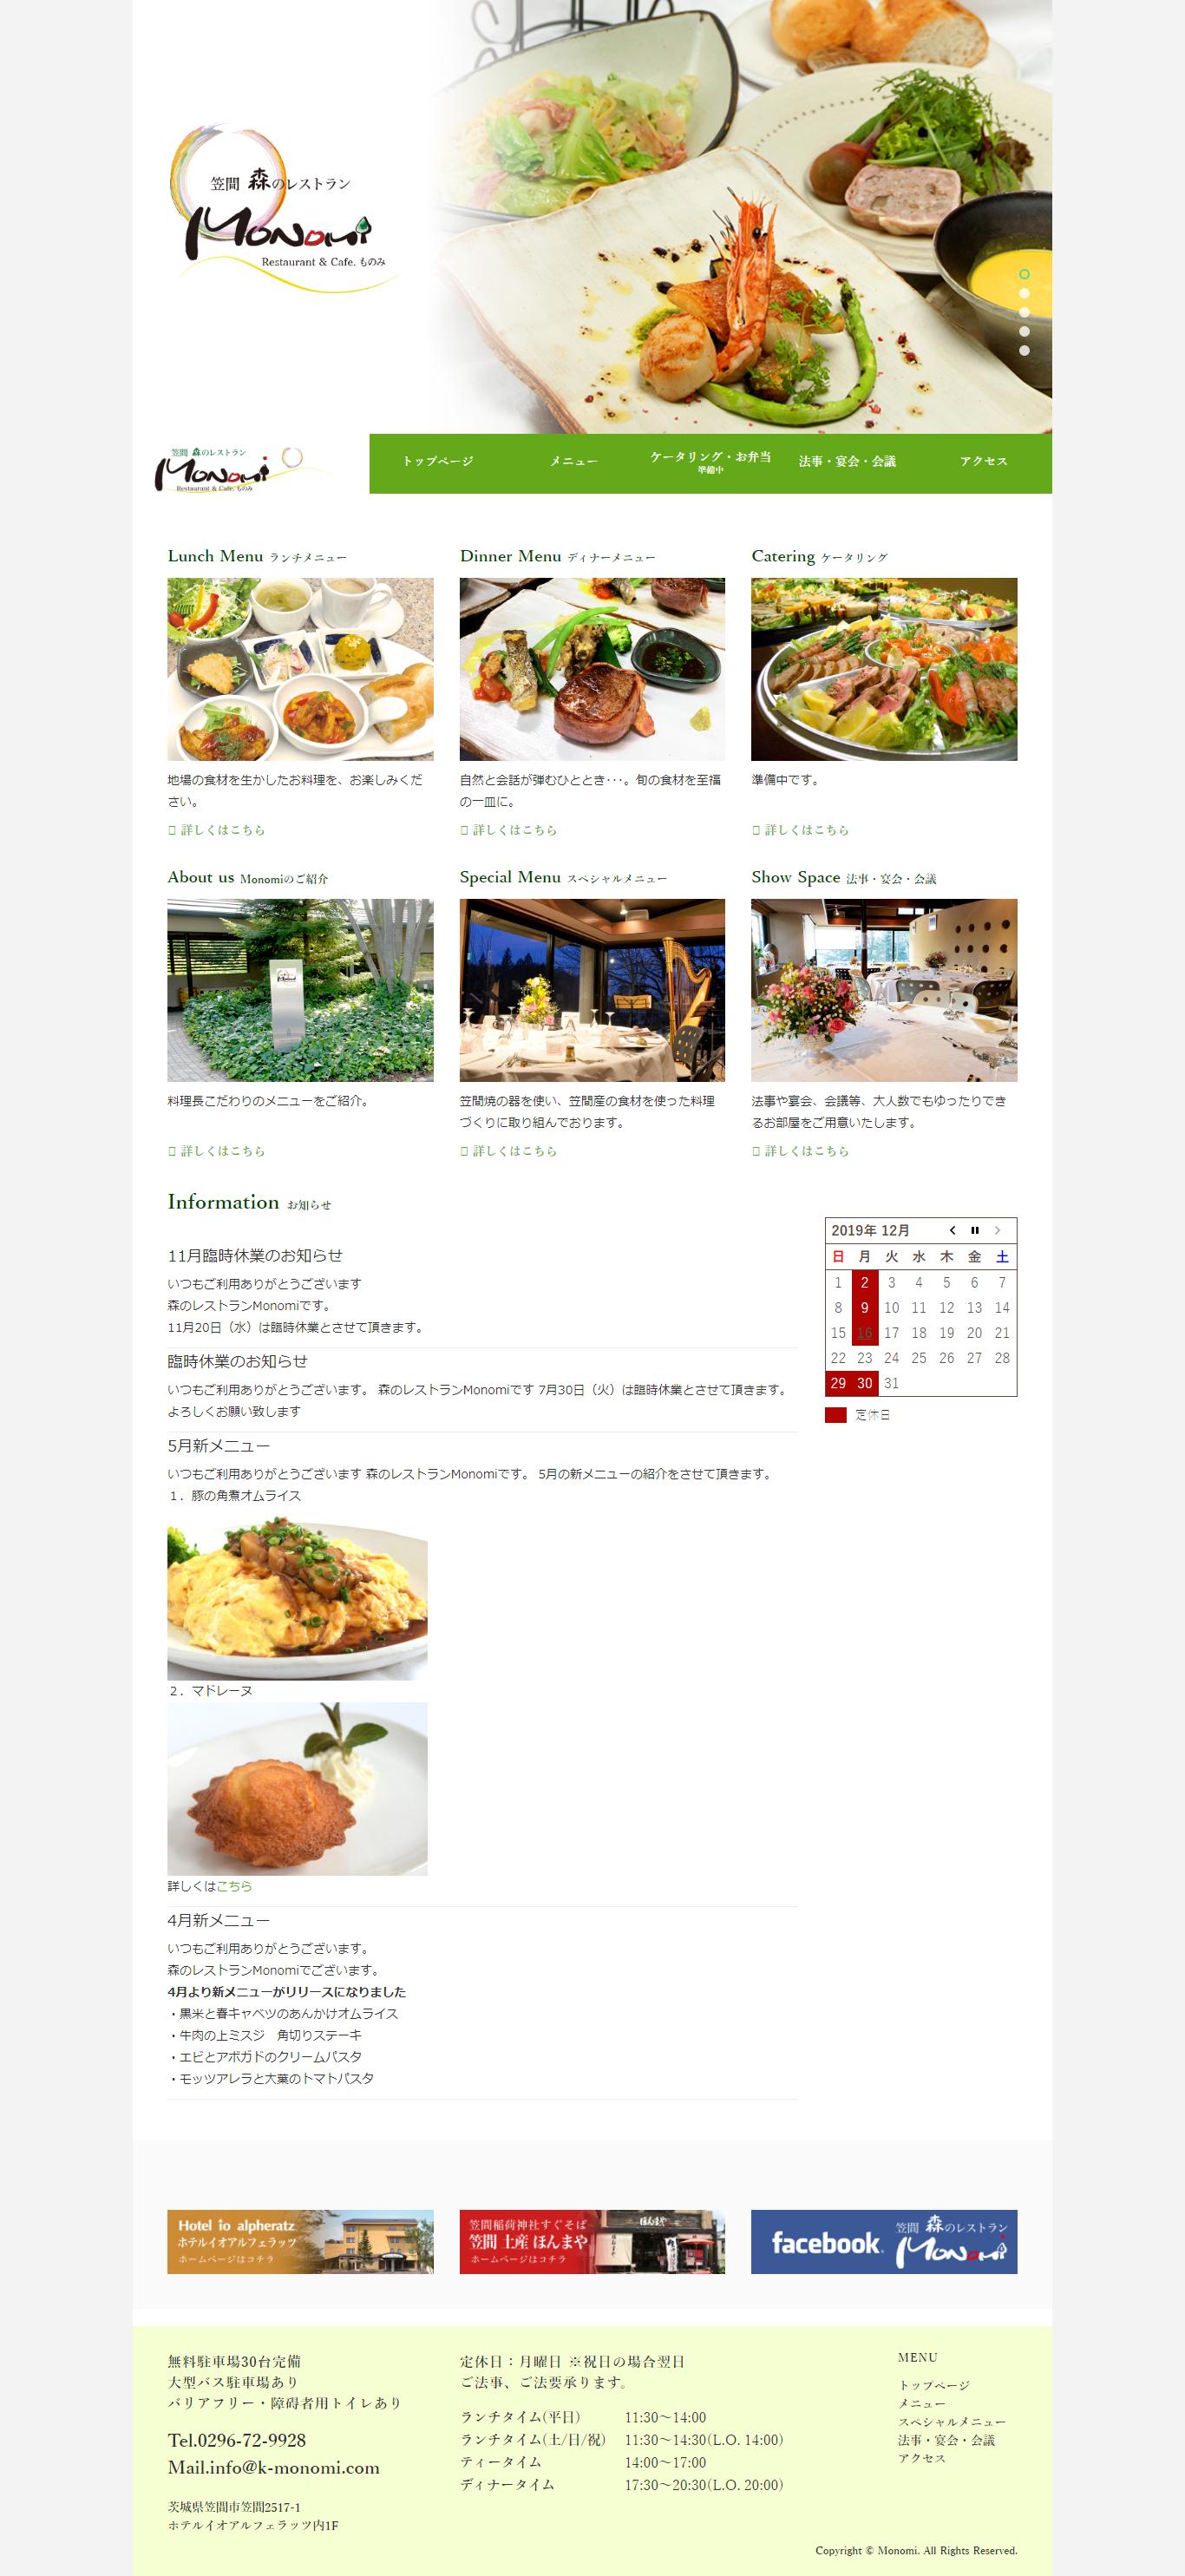 笠間 森のレストラン Monomi(ものみ)